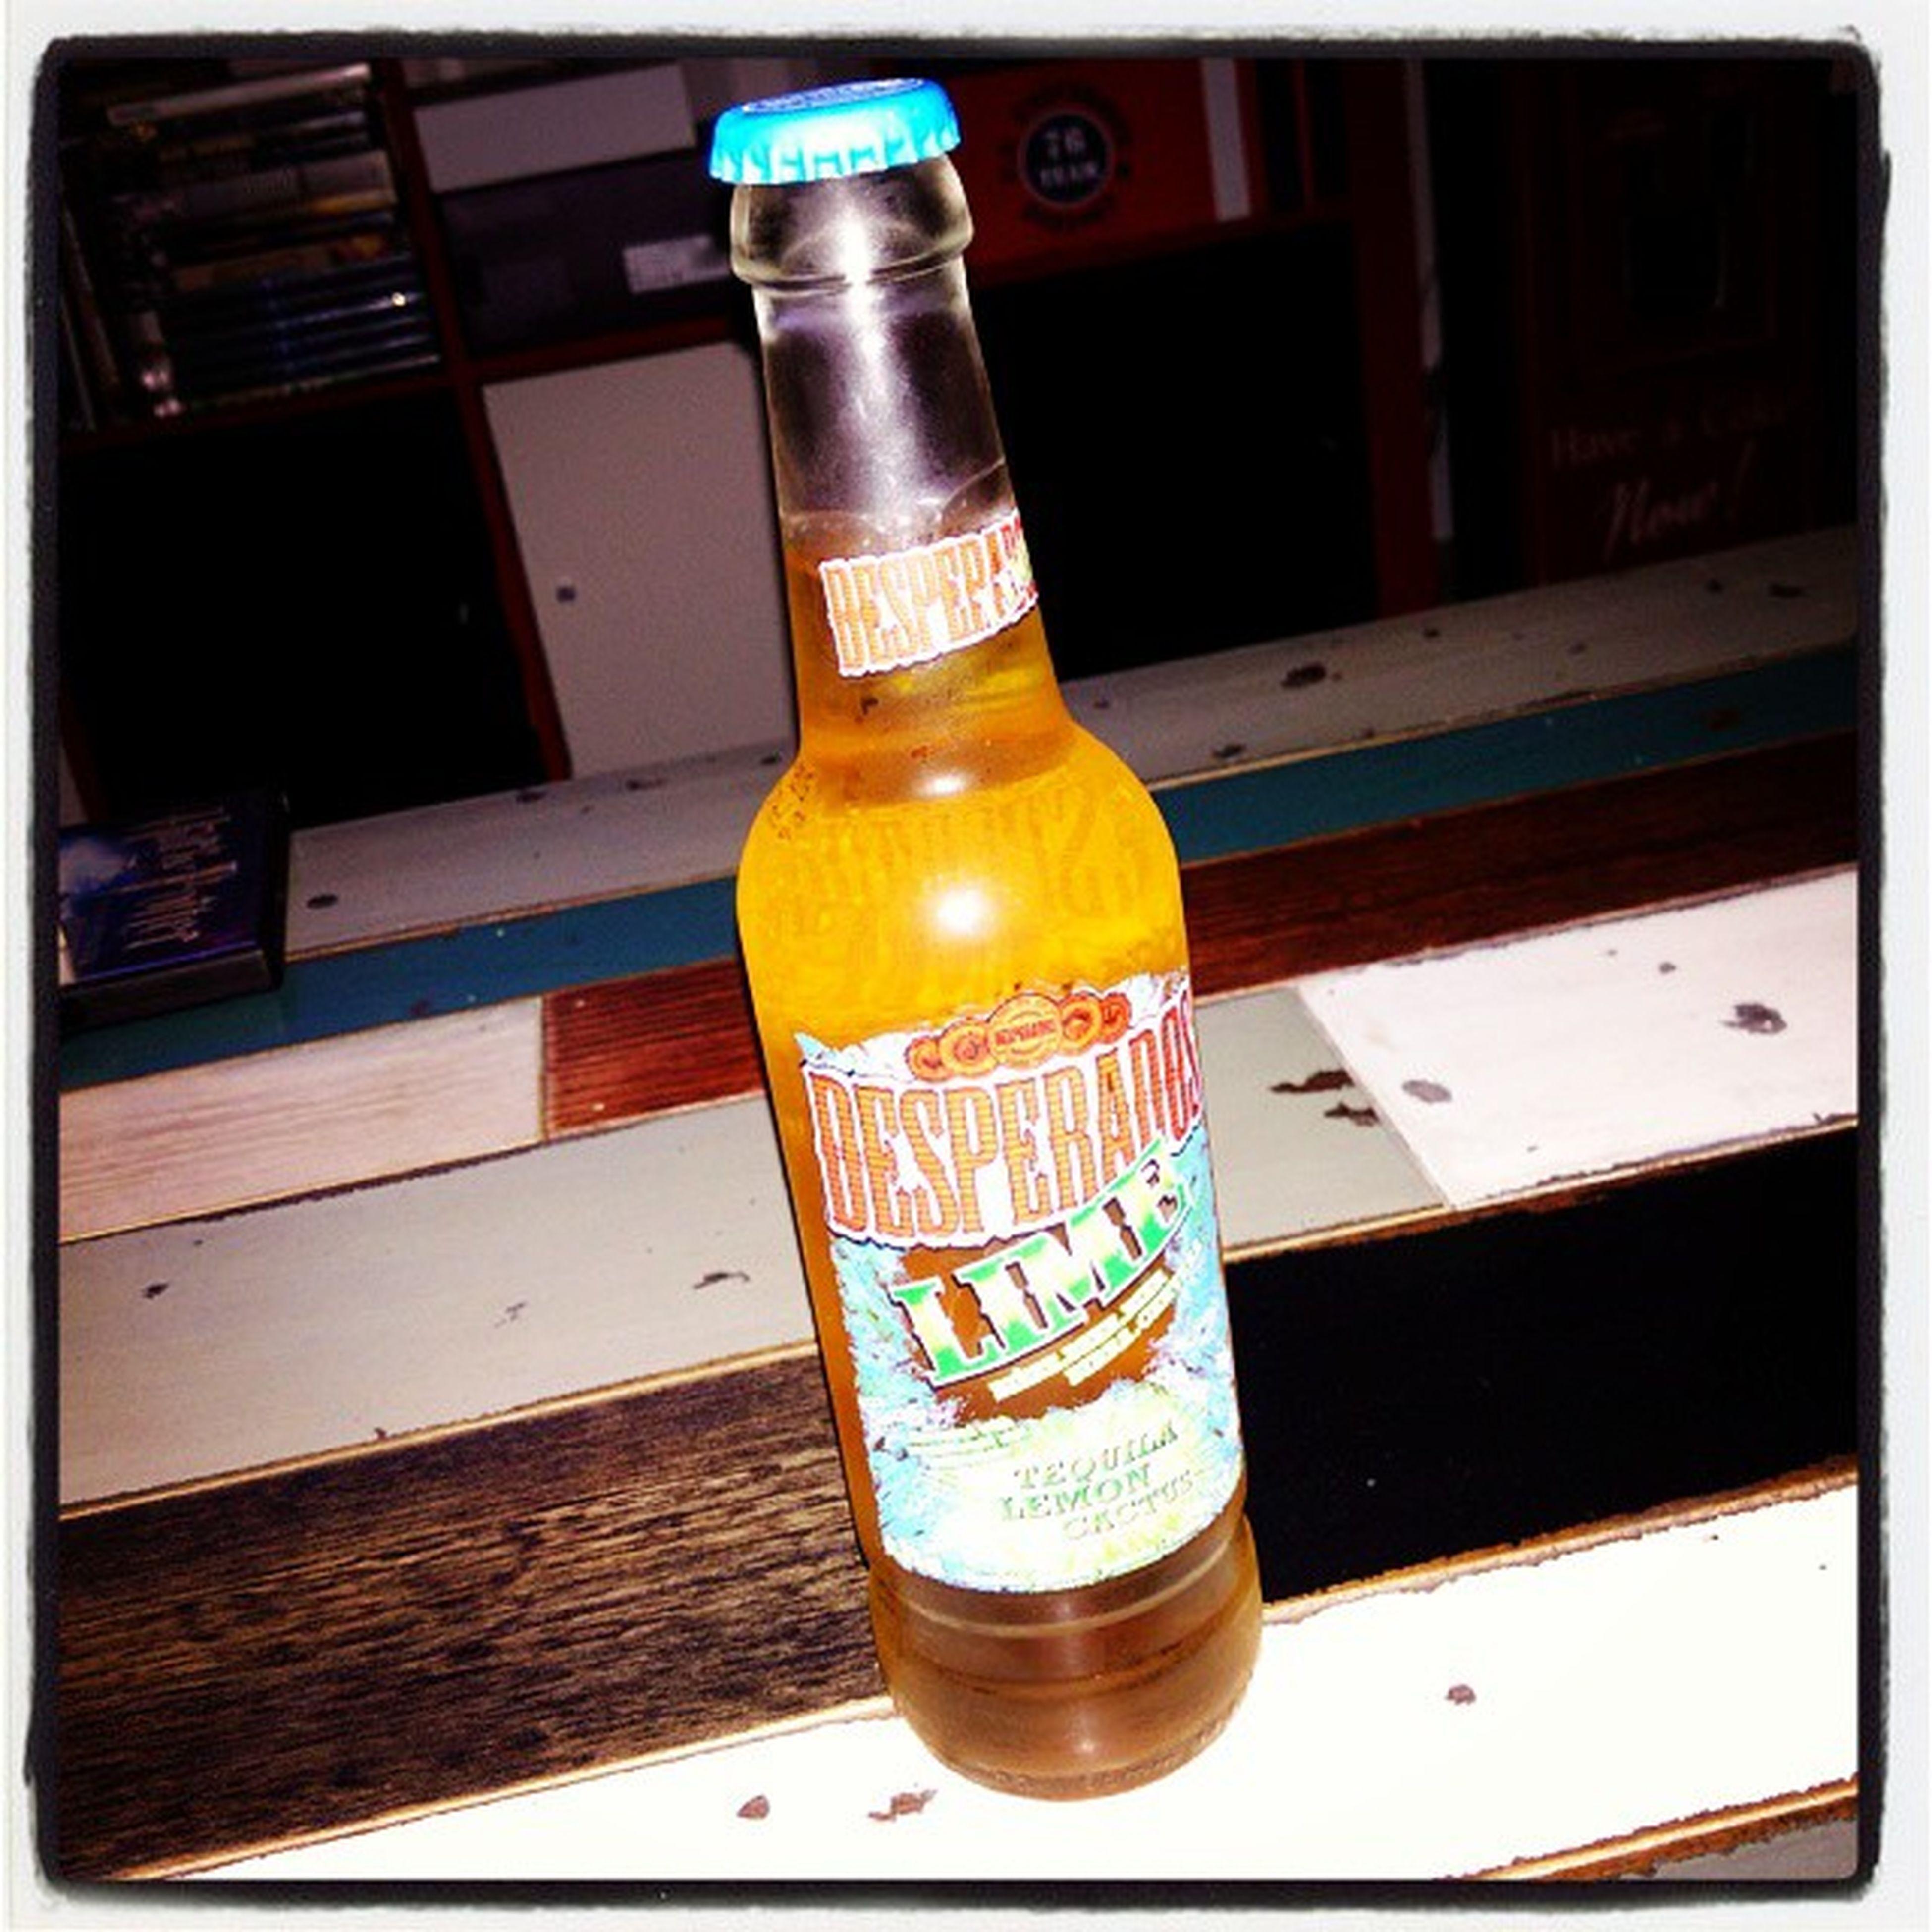 Dernière avant réapprovisionnement 🍺 Desparados Lime Desperadoslime Tequila cactus drink boisson